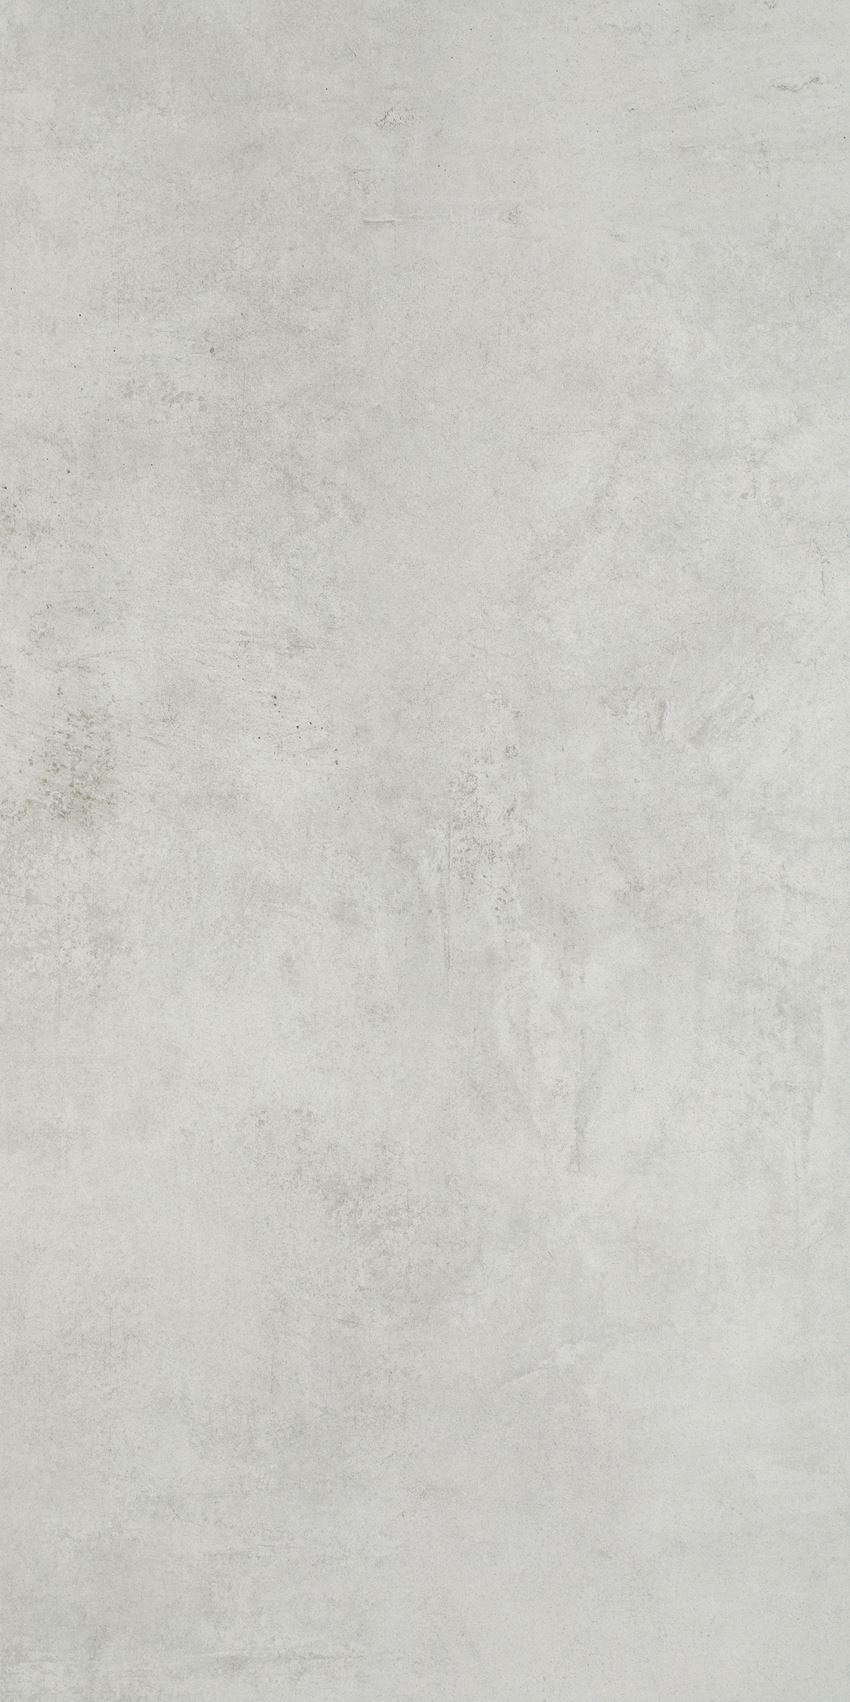 Płytka uniwersalna 59,8x119,8 cm Paradyż Scratch Bianco Gres Szkl. Rekt. Półpoler